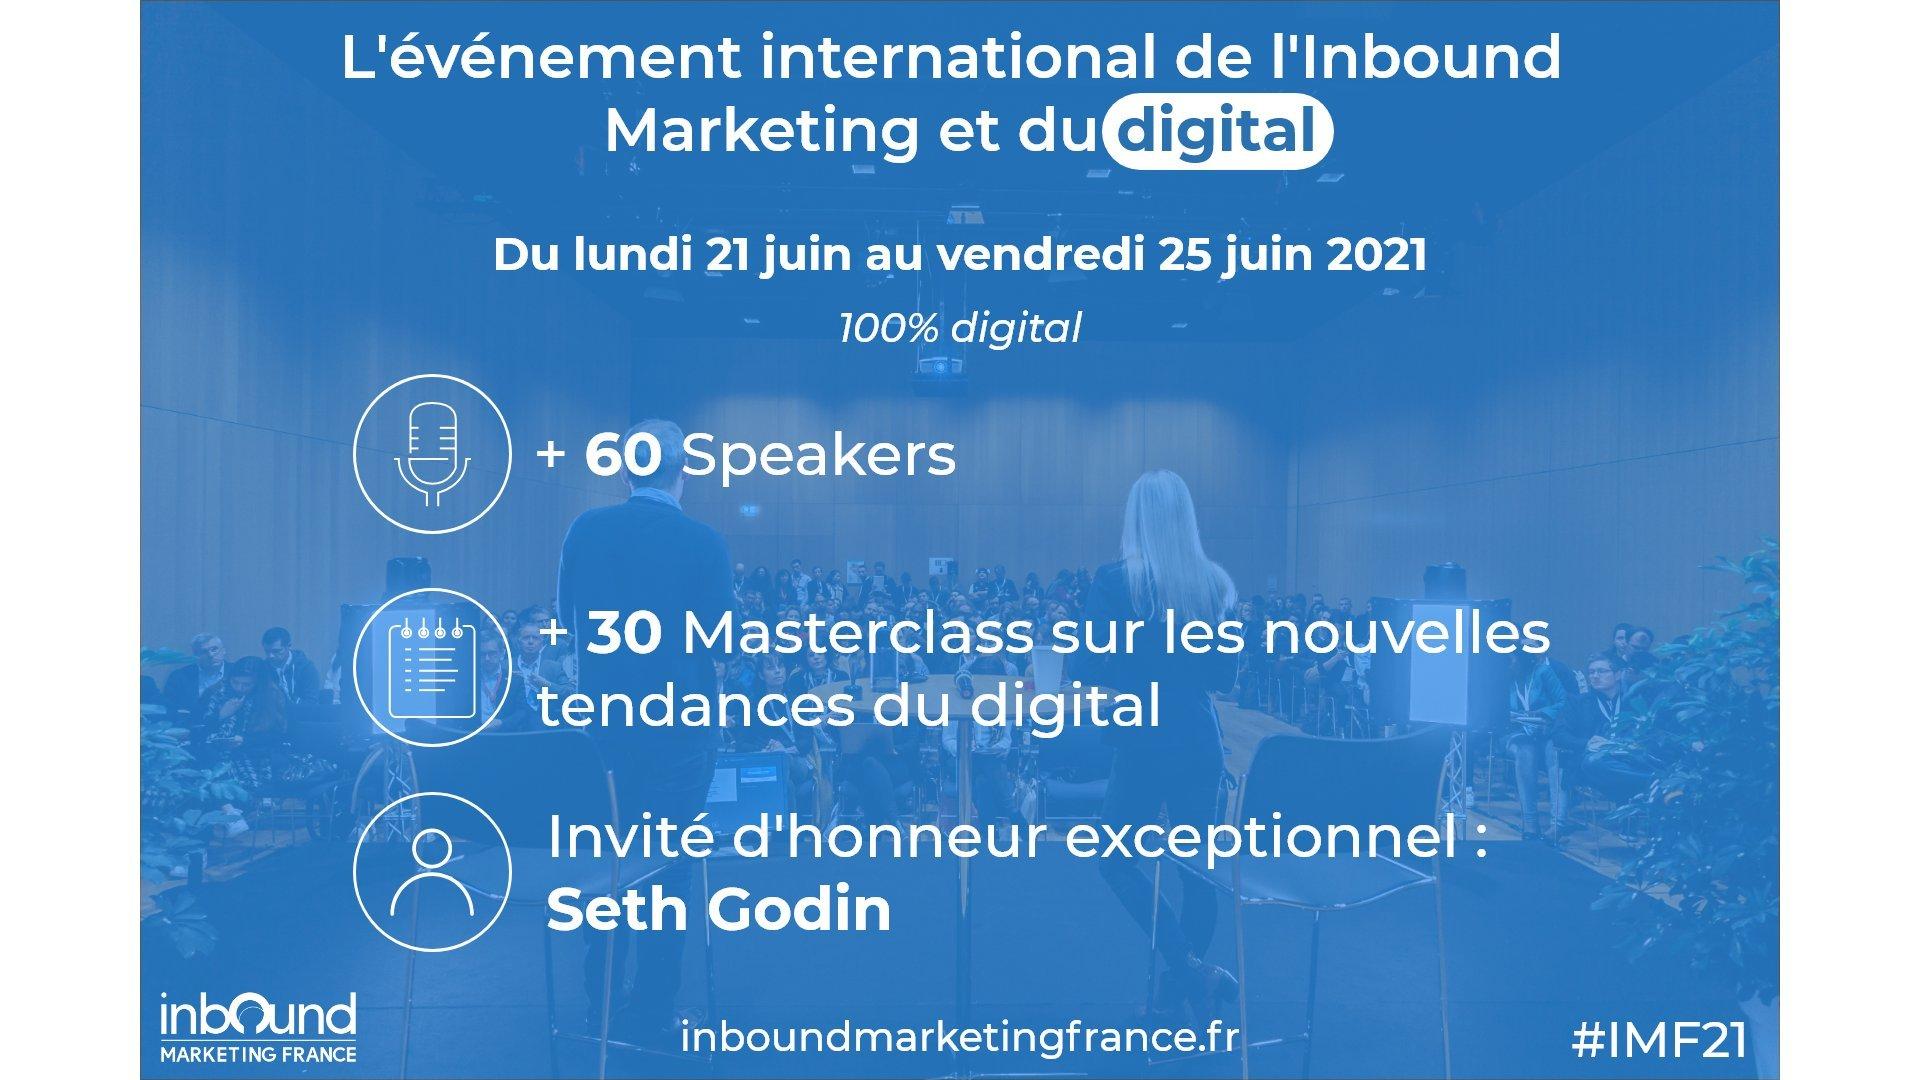 IMF21, du lundi 21 au vendredi 25 juin, 60 speakers, 30 masterclass, invité d'honneur exceptionnel Seth Godin